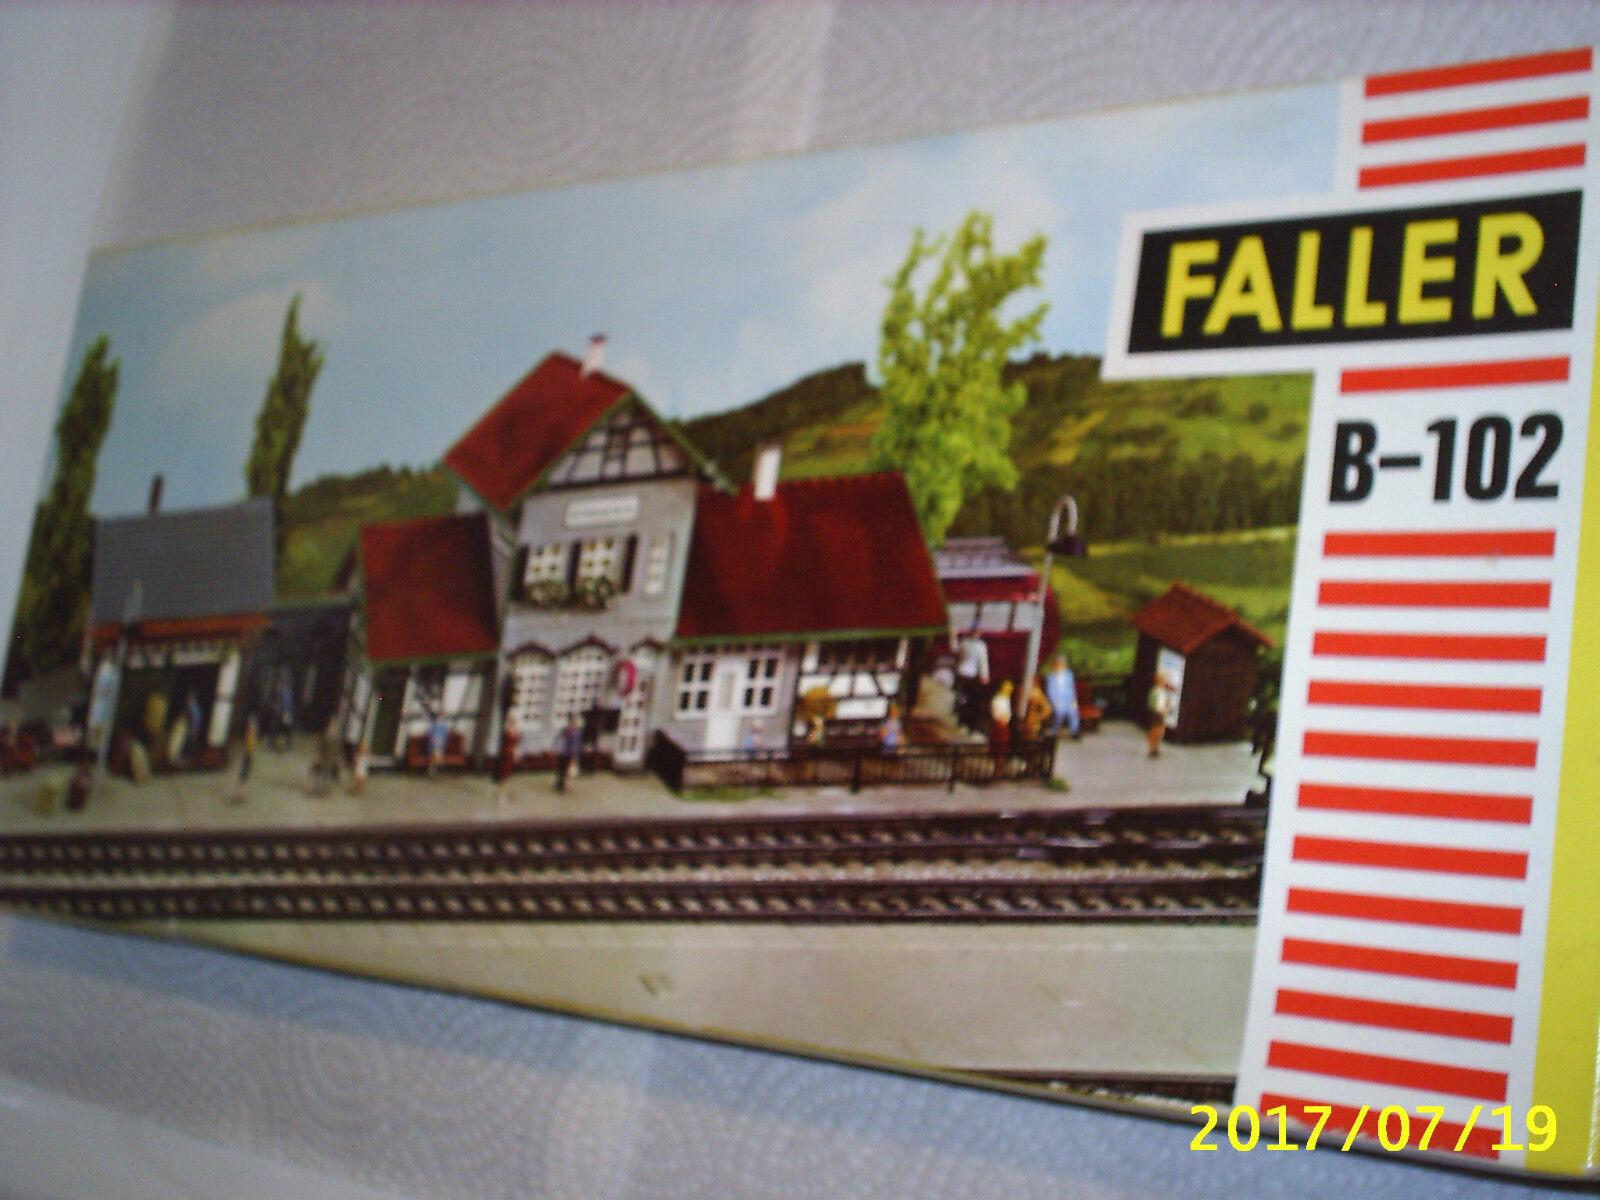 Tågstationen Small Town Ho skala Faller 70s Plastic byggnad modellllerler Kit Tyskland